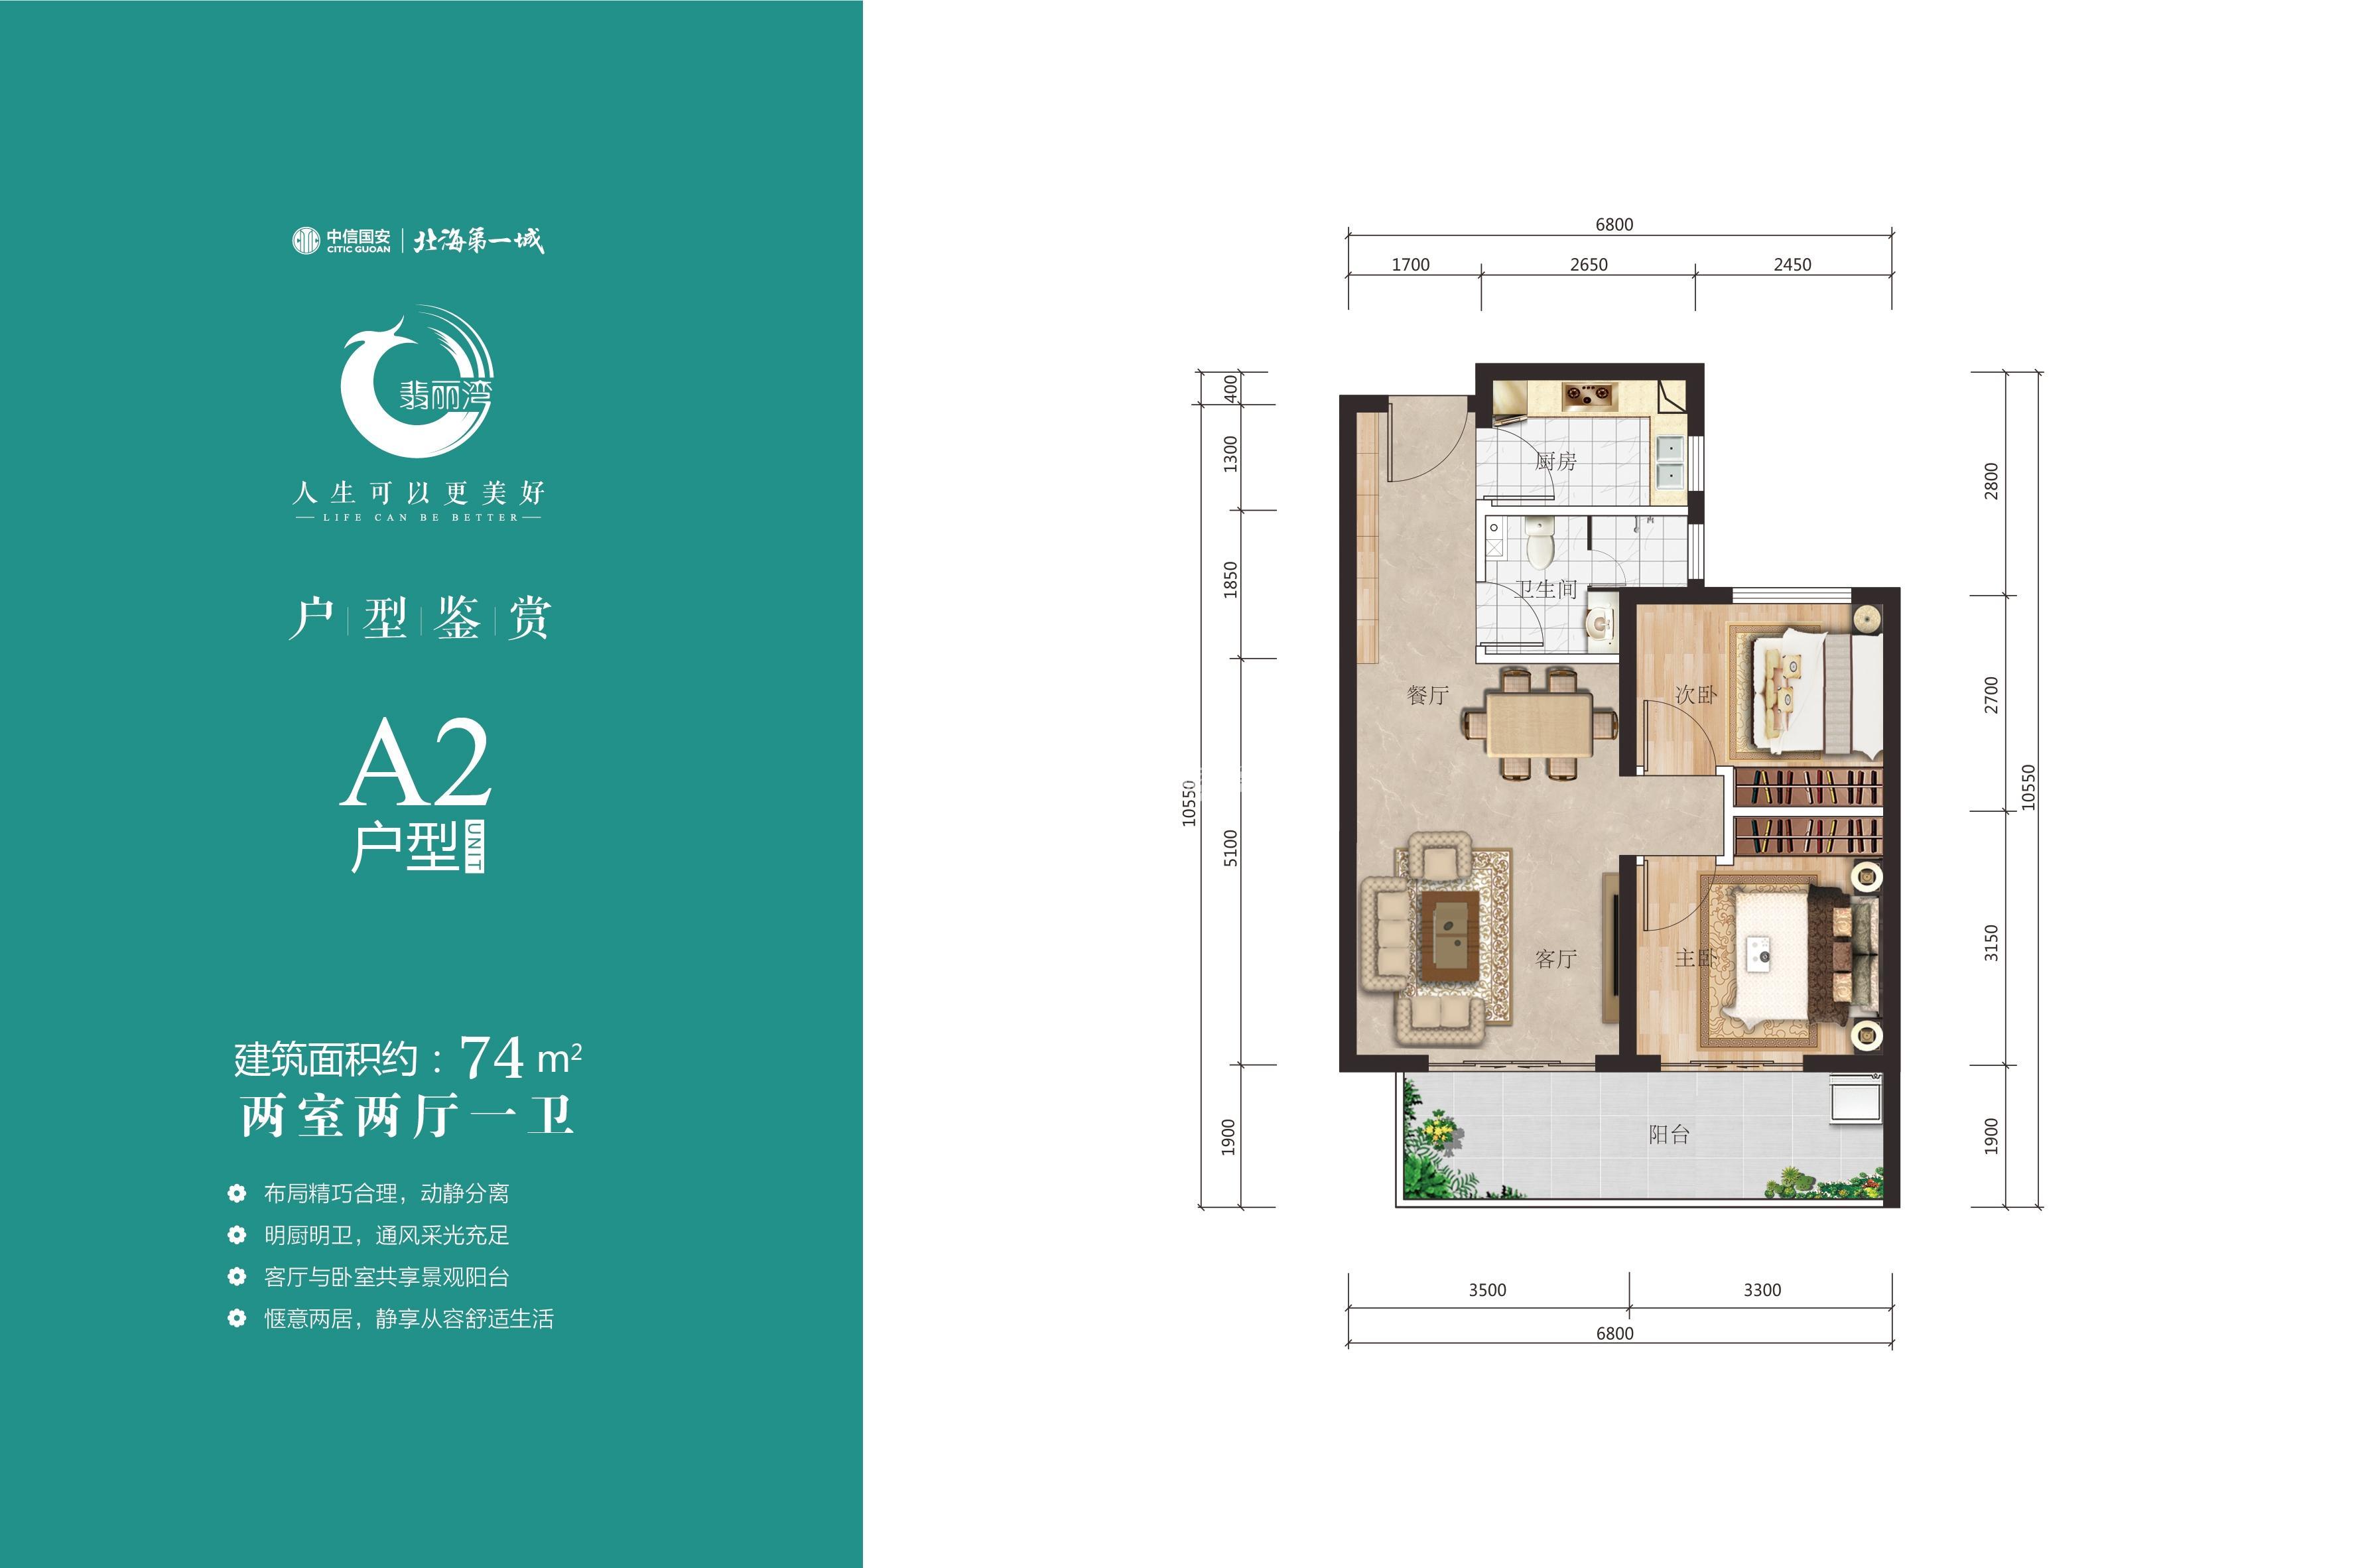 两室两厅一卫户型_A2